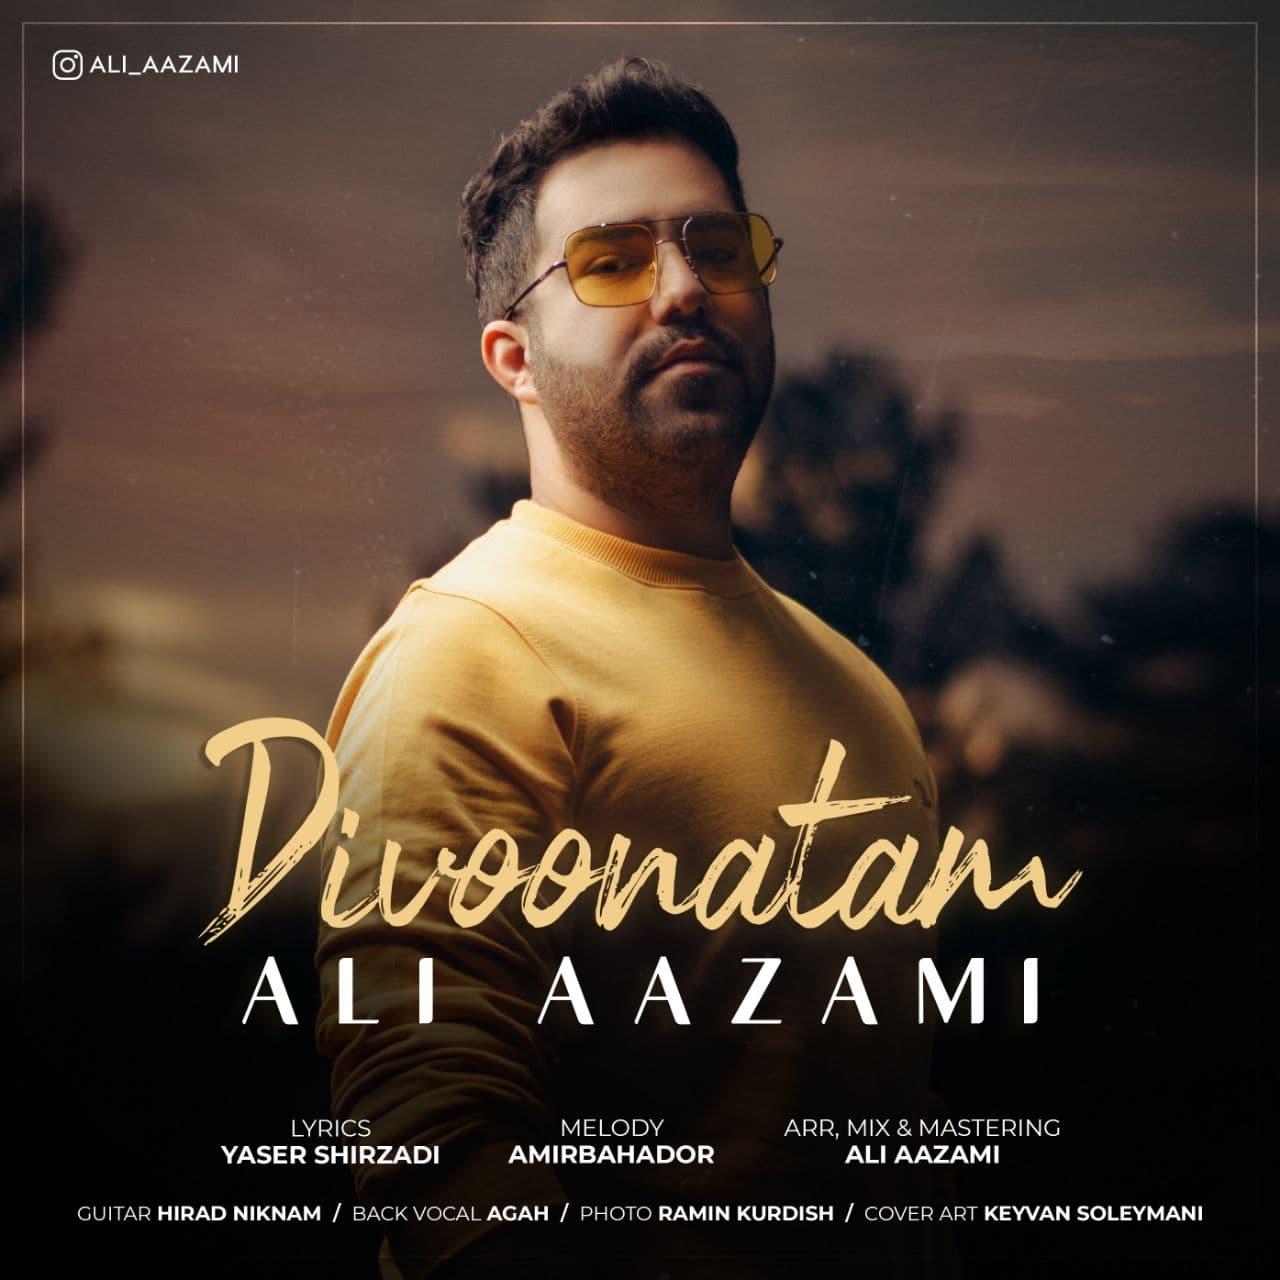 Download Ahang علی اعظمی دیوونتم